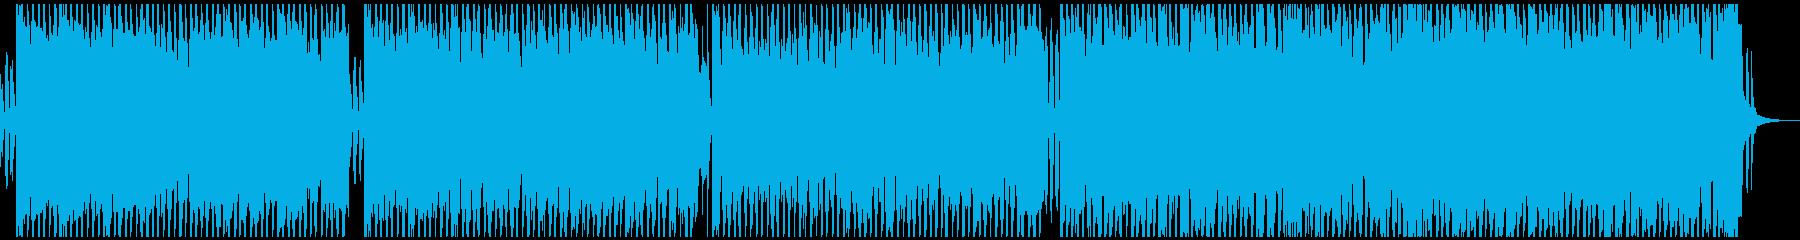 聖者の行進 ほのぼの スライドギター抜きの再生済みの波形